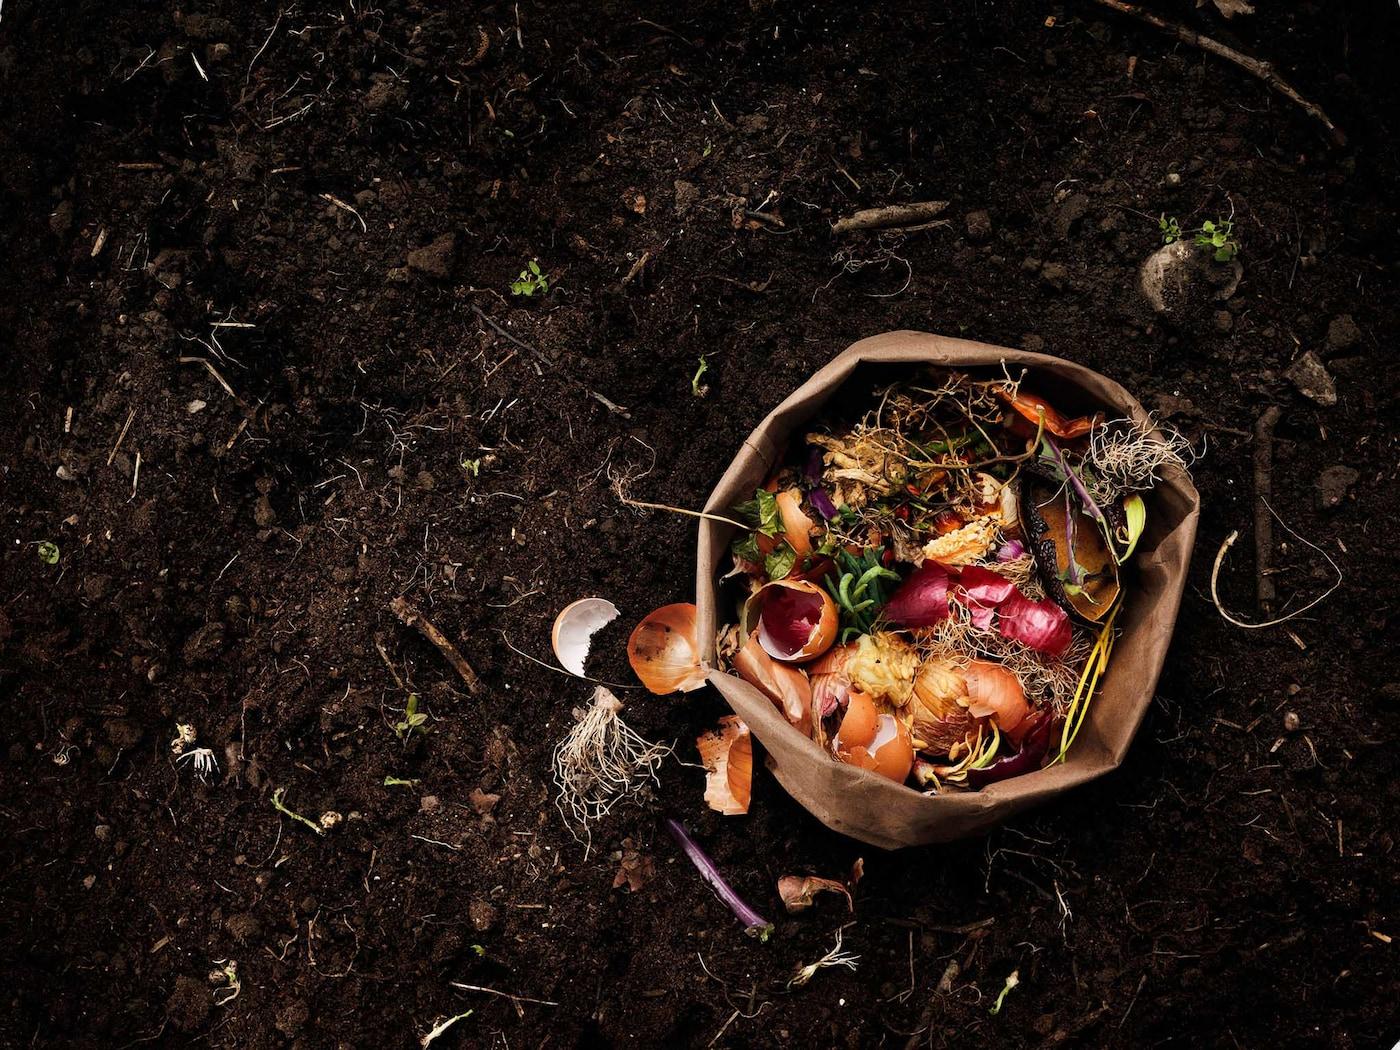 Kompost s papierovým vreckom bioodpadkov z kuchyne.